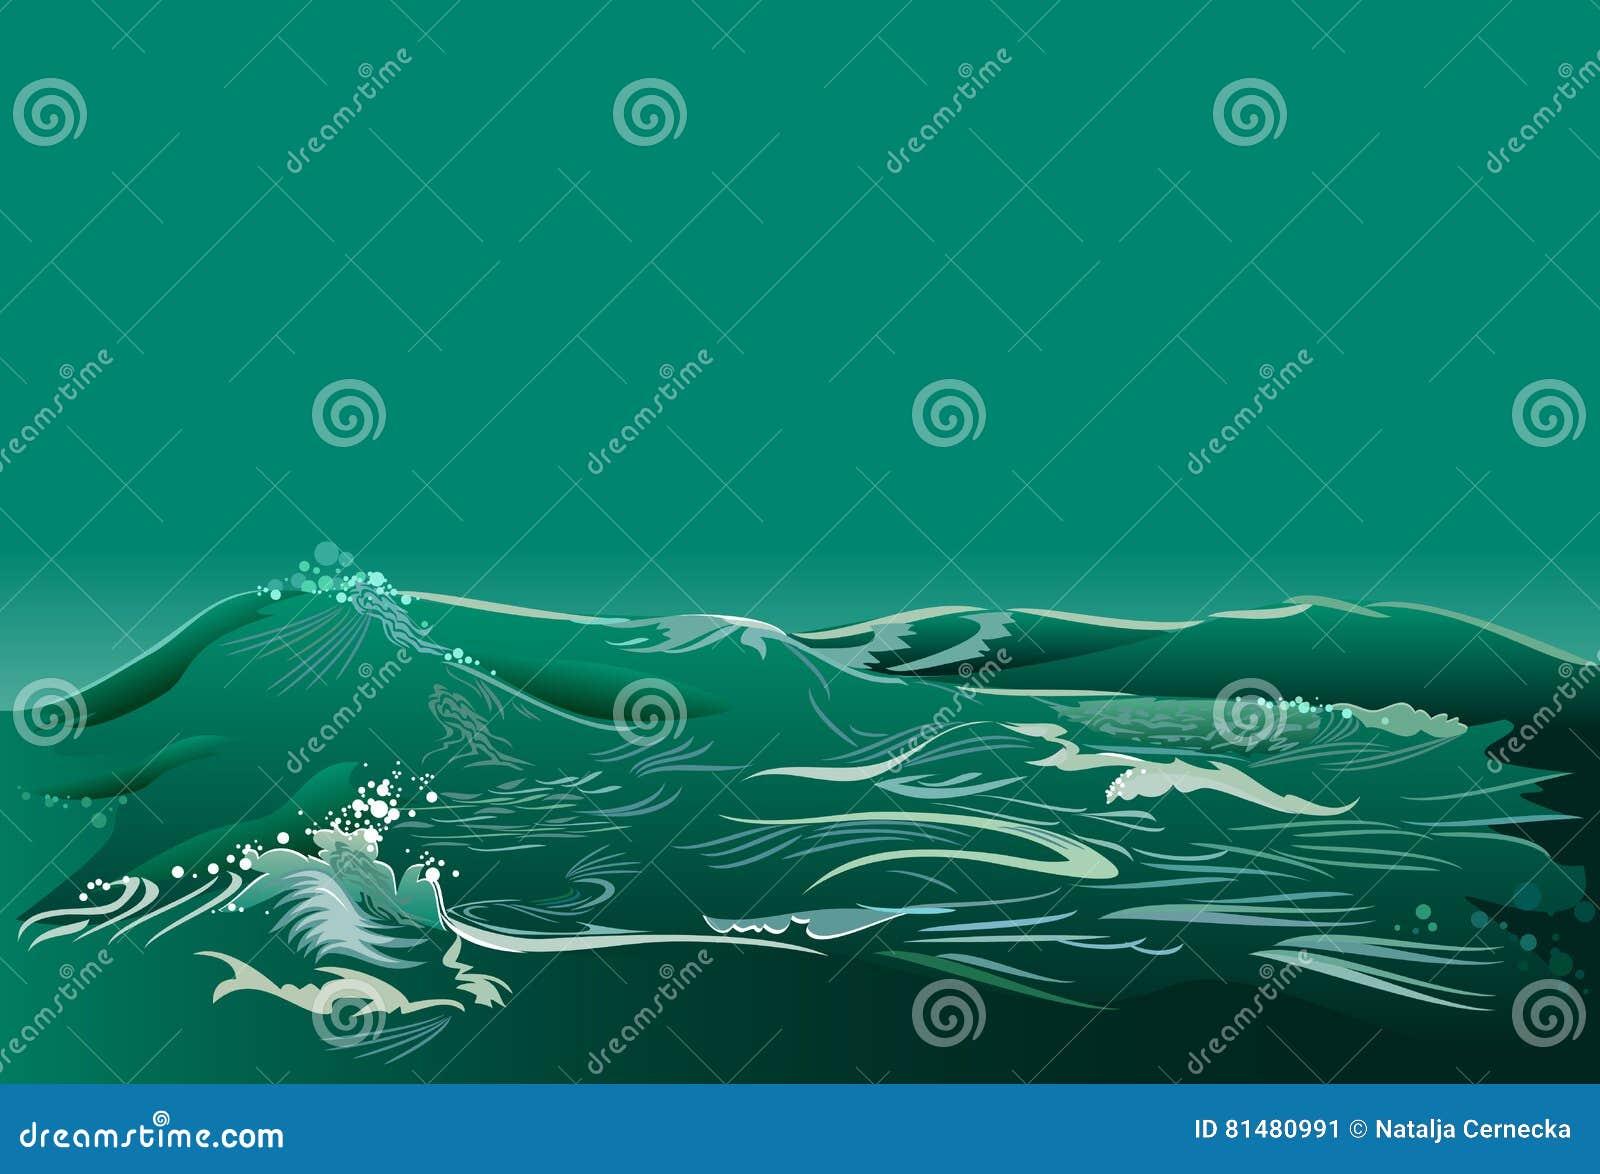 Abstrakter Hintergrund Der Fantasie Mit Meerblick Und Grünen Wellen ...